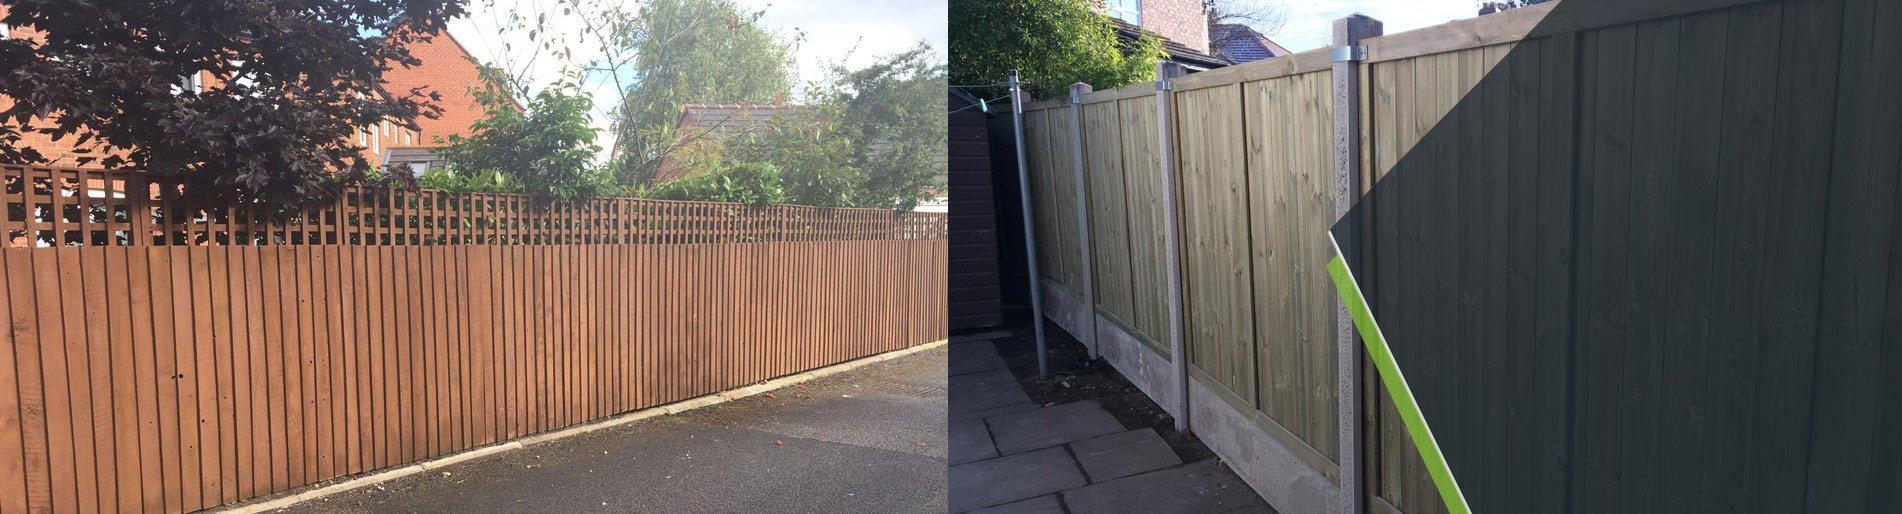 garden fencing jobs